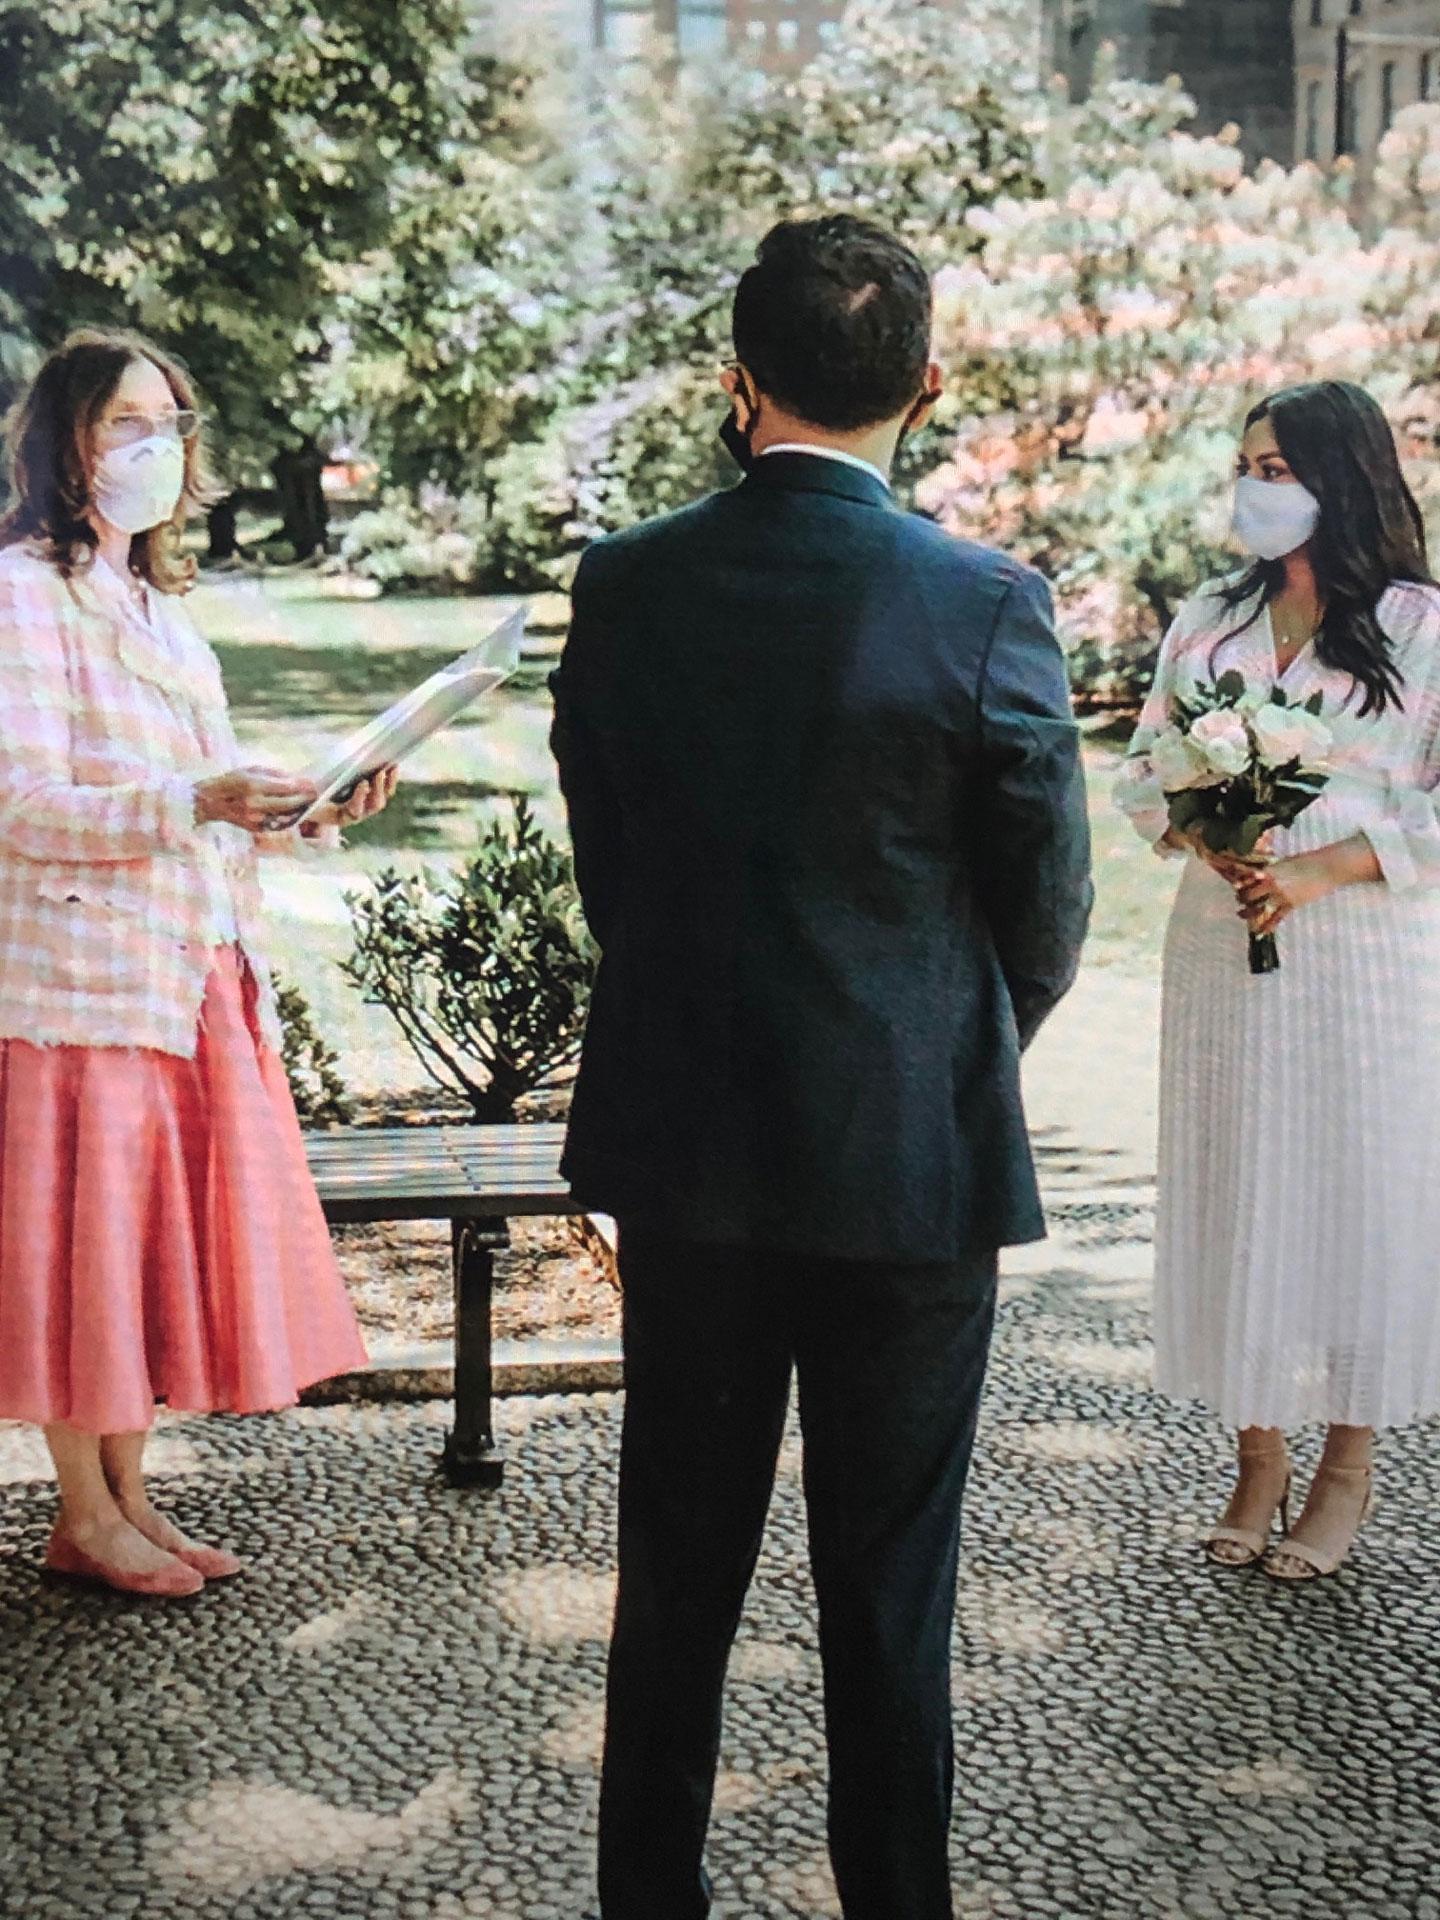 covid-wedding-boston-ma-03